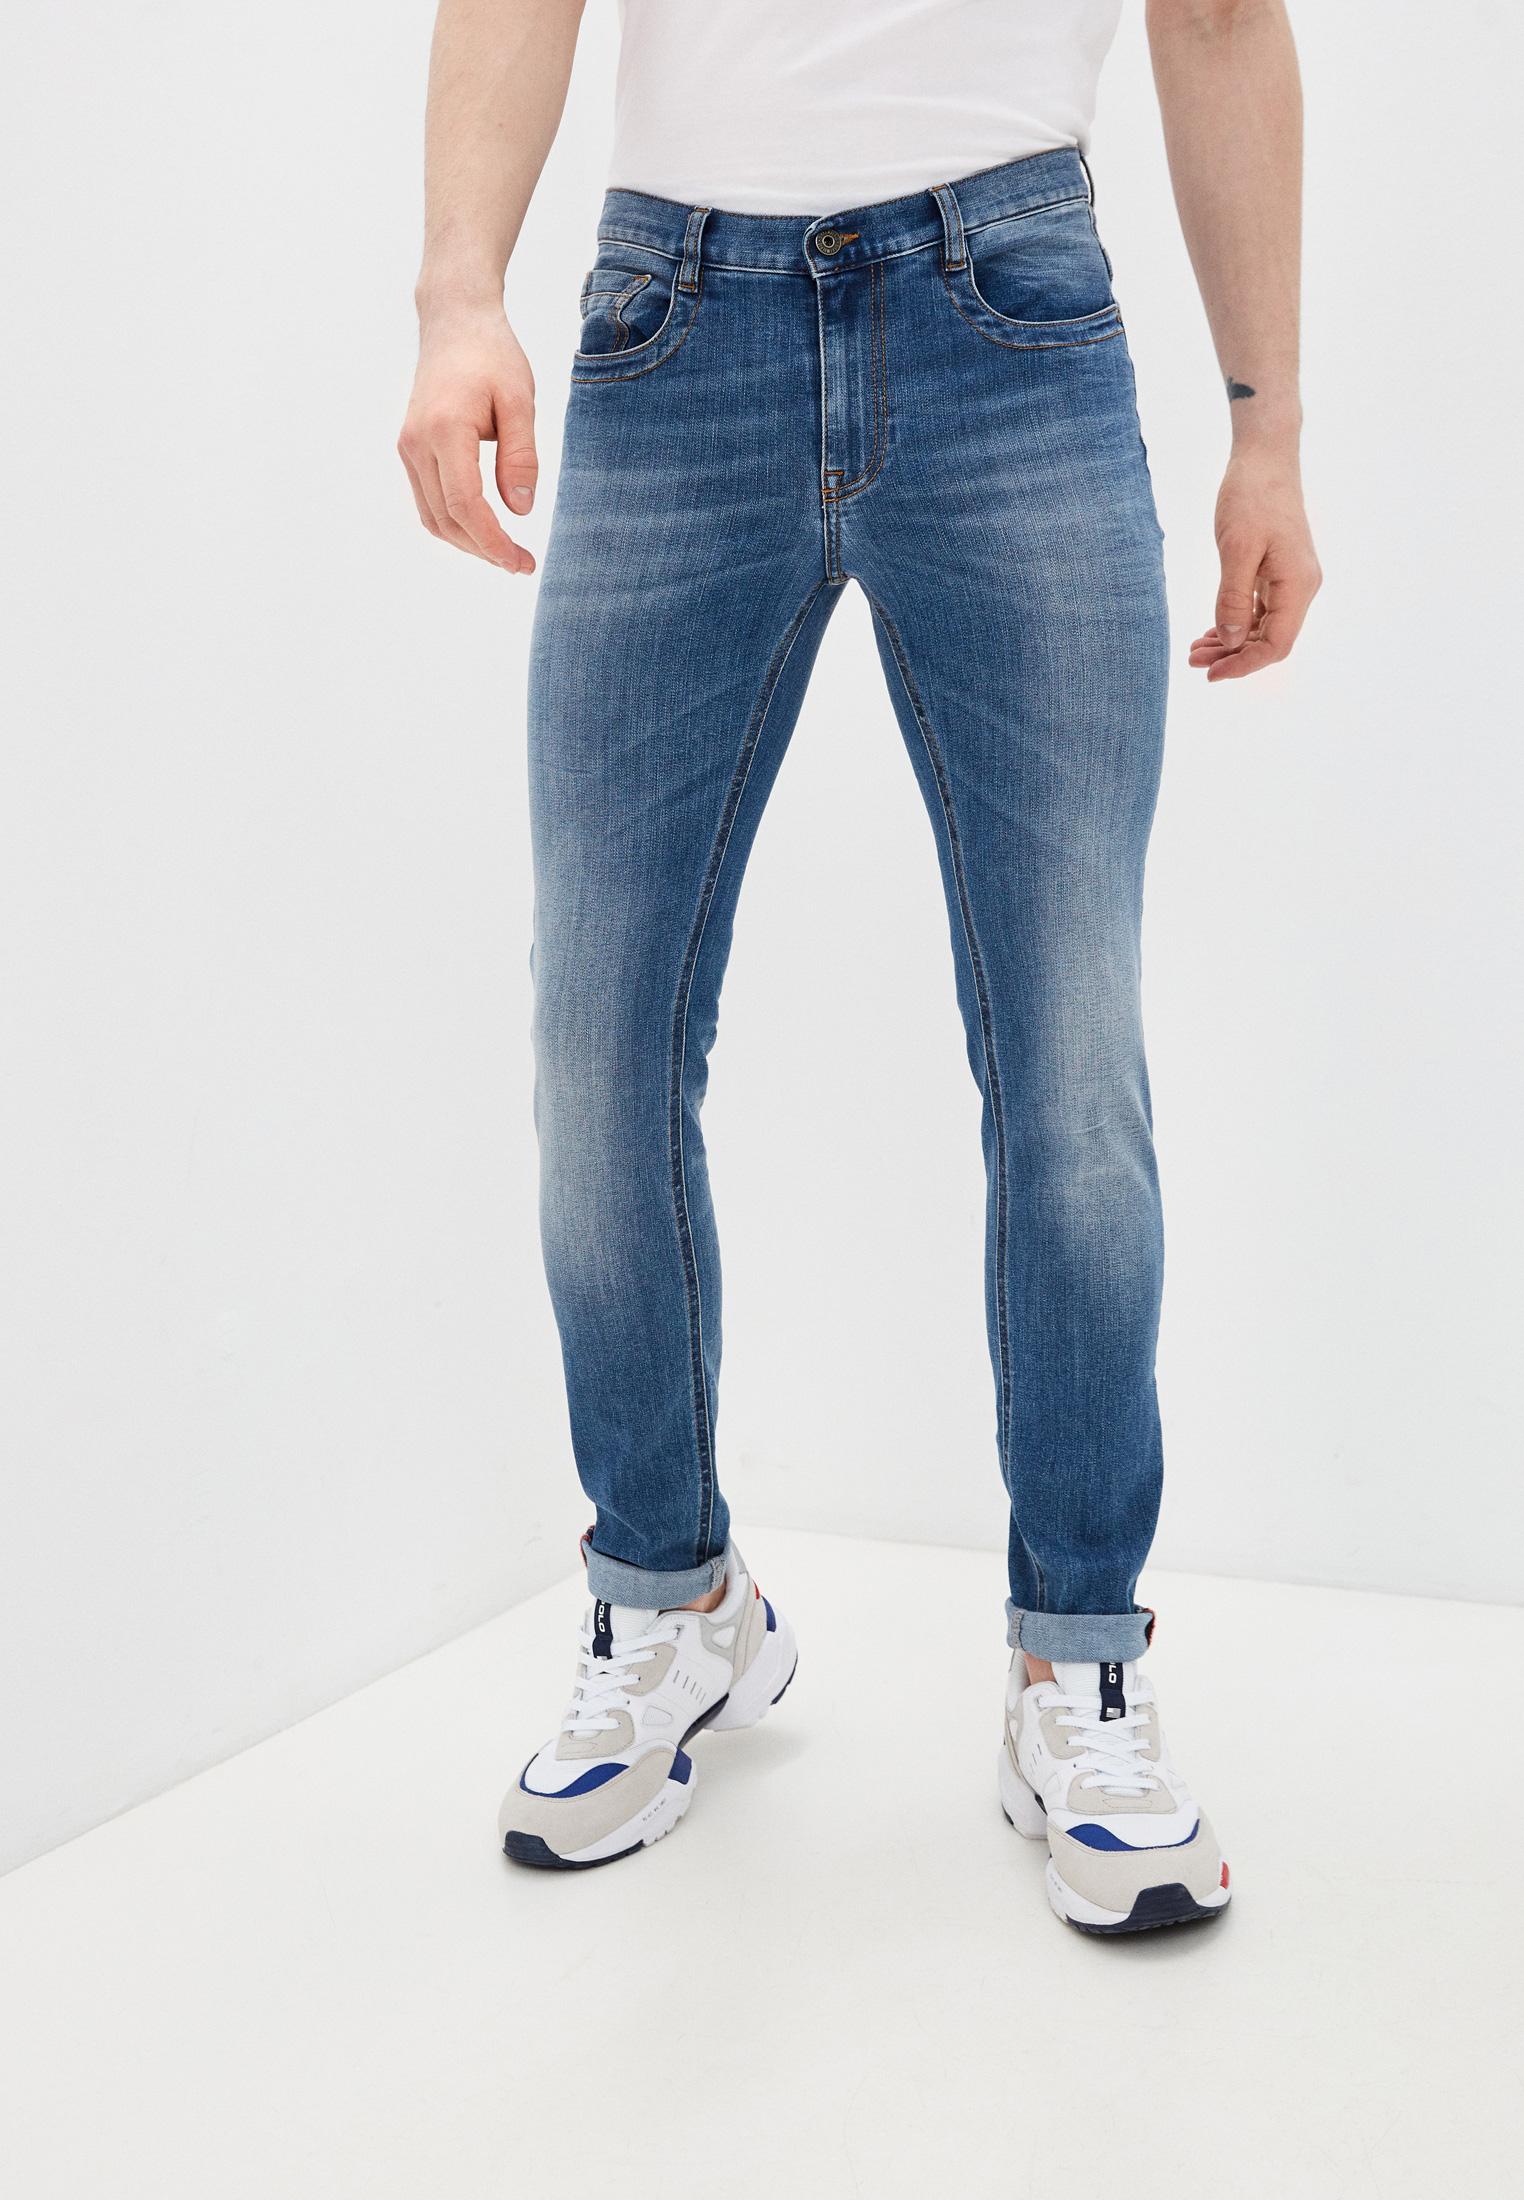 Мужские зауженные джинсы Bikkembergs (Биккембергс) C Q 101 00 S 3181: изображение 6